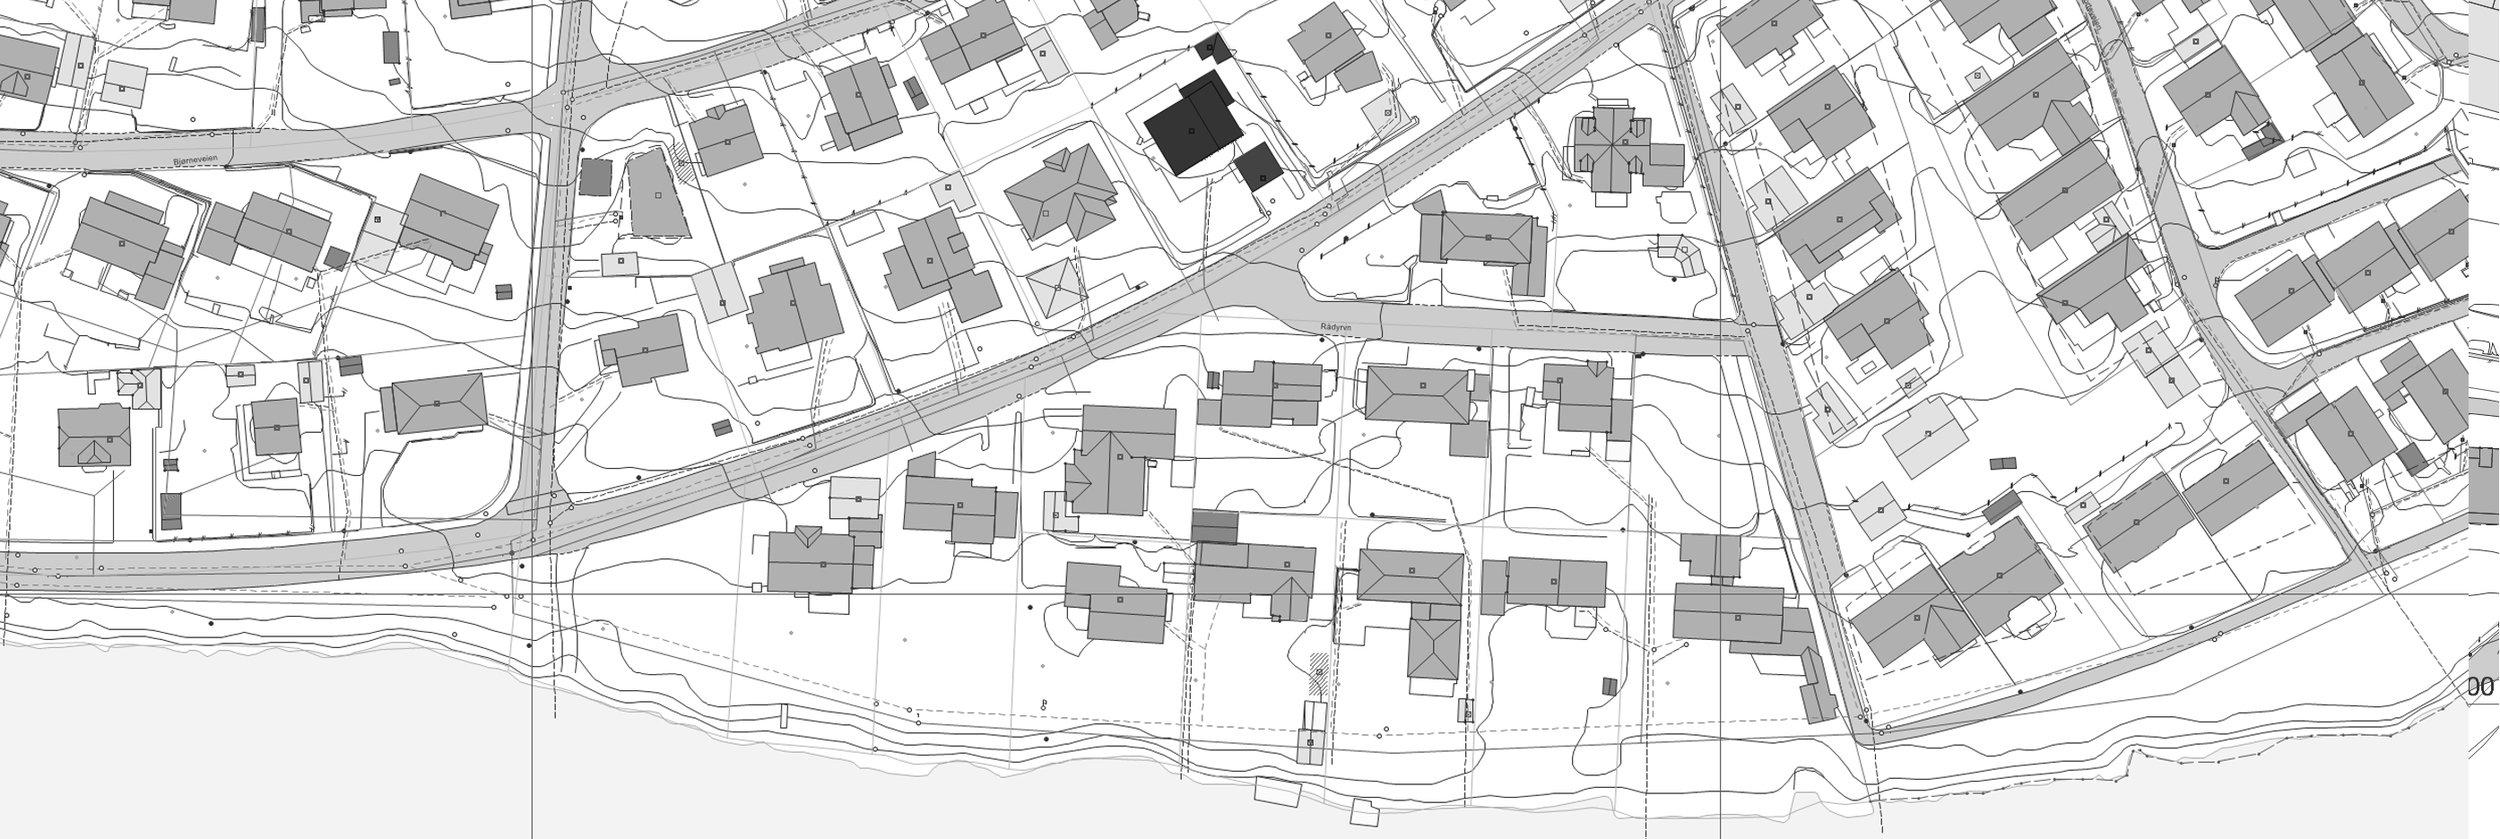 Elgveien_Situasjonskart.jpg